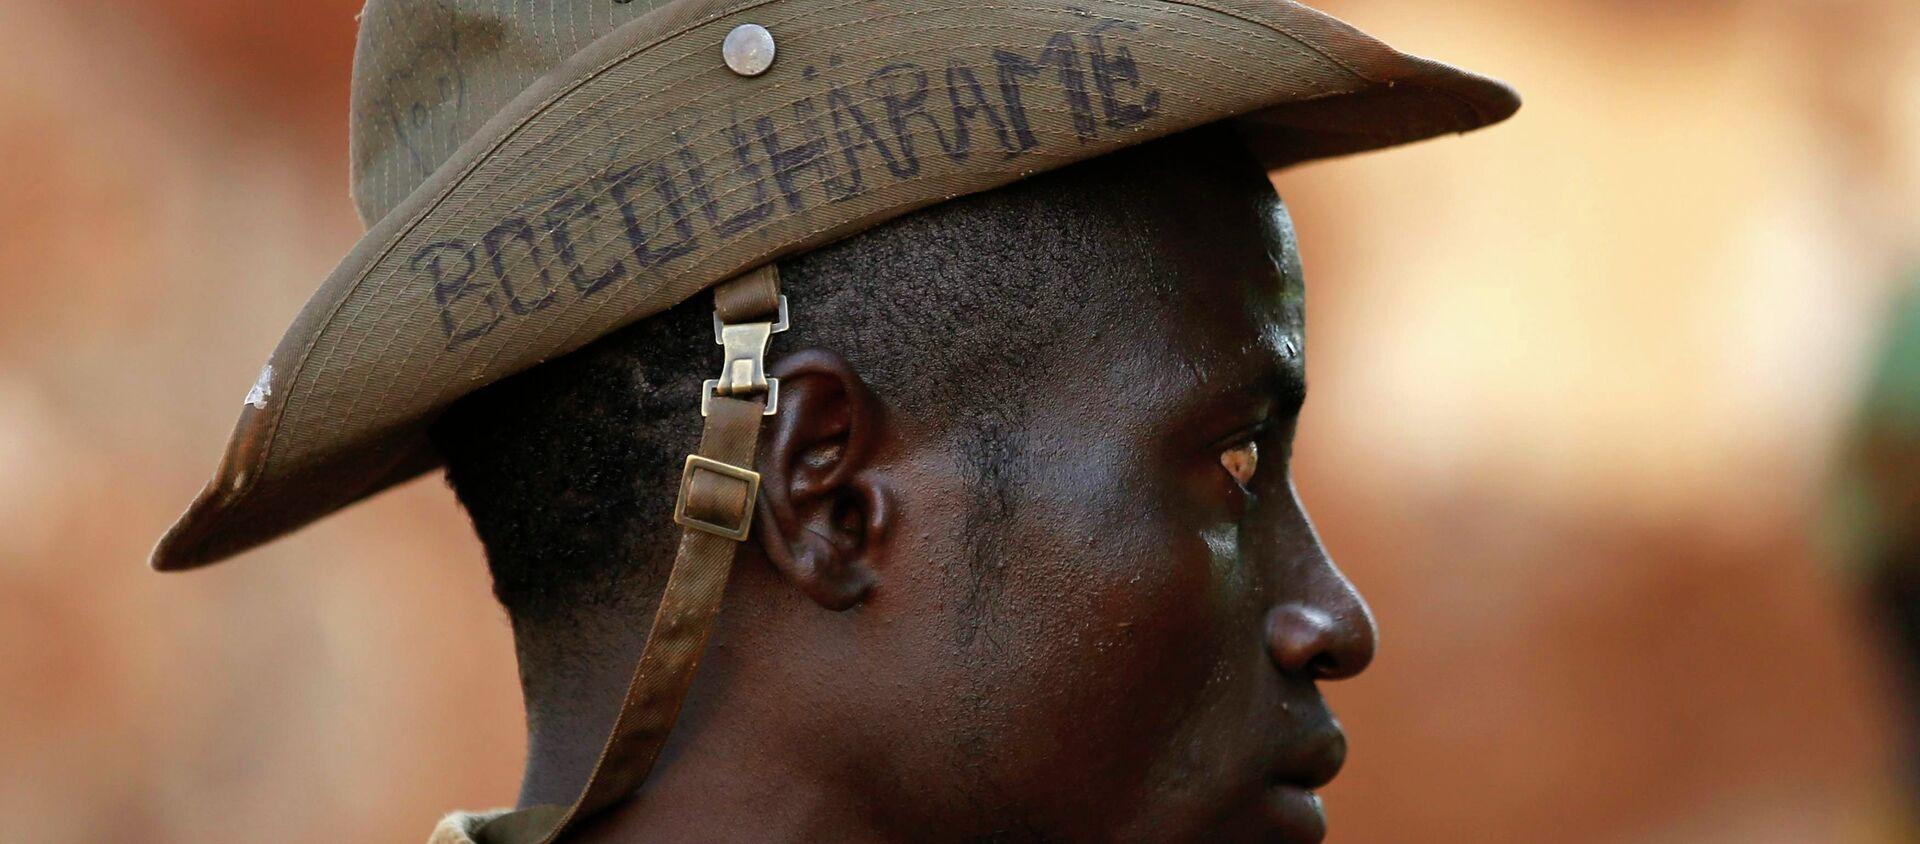 Il miliziano di Boko Haram - Sputnik Italia, 1920, 25.12.2020